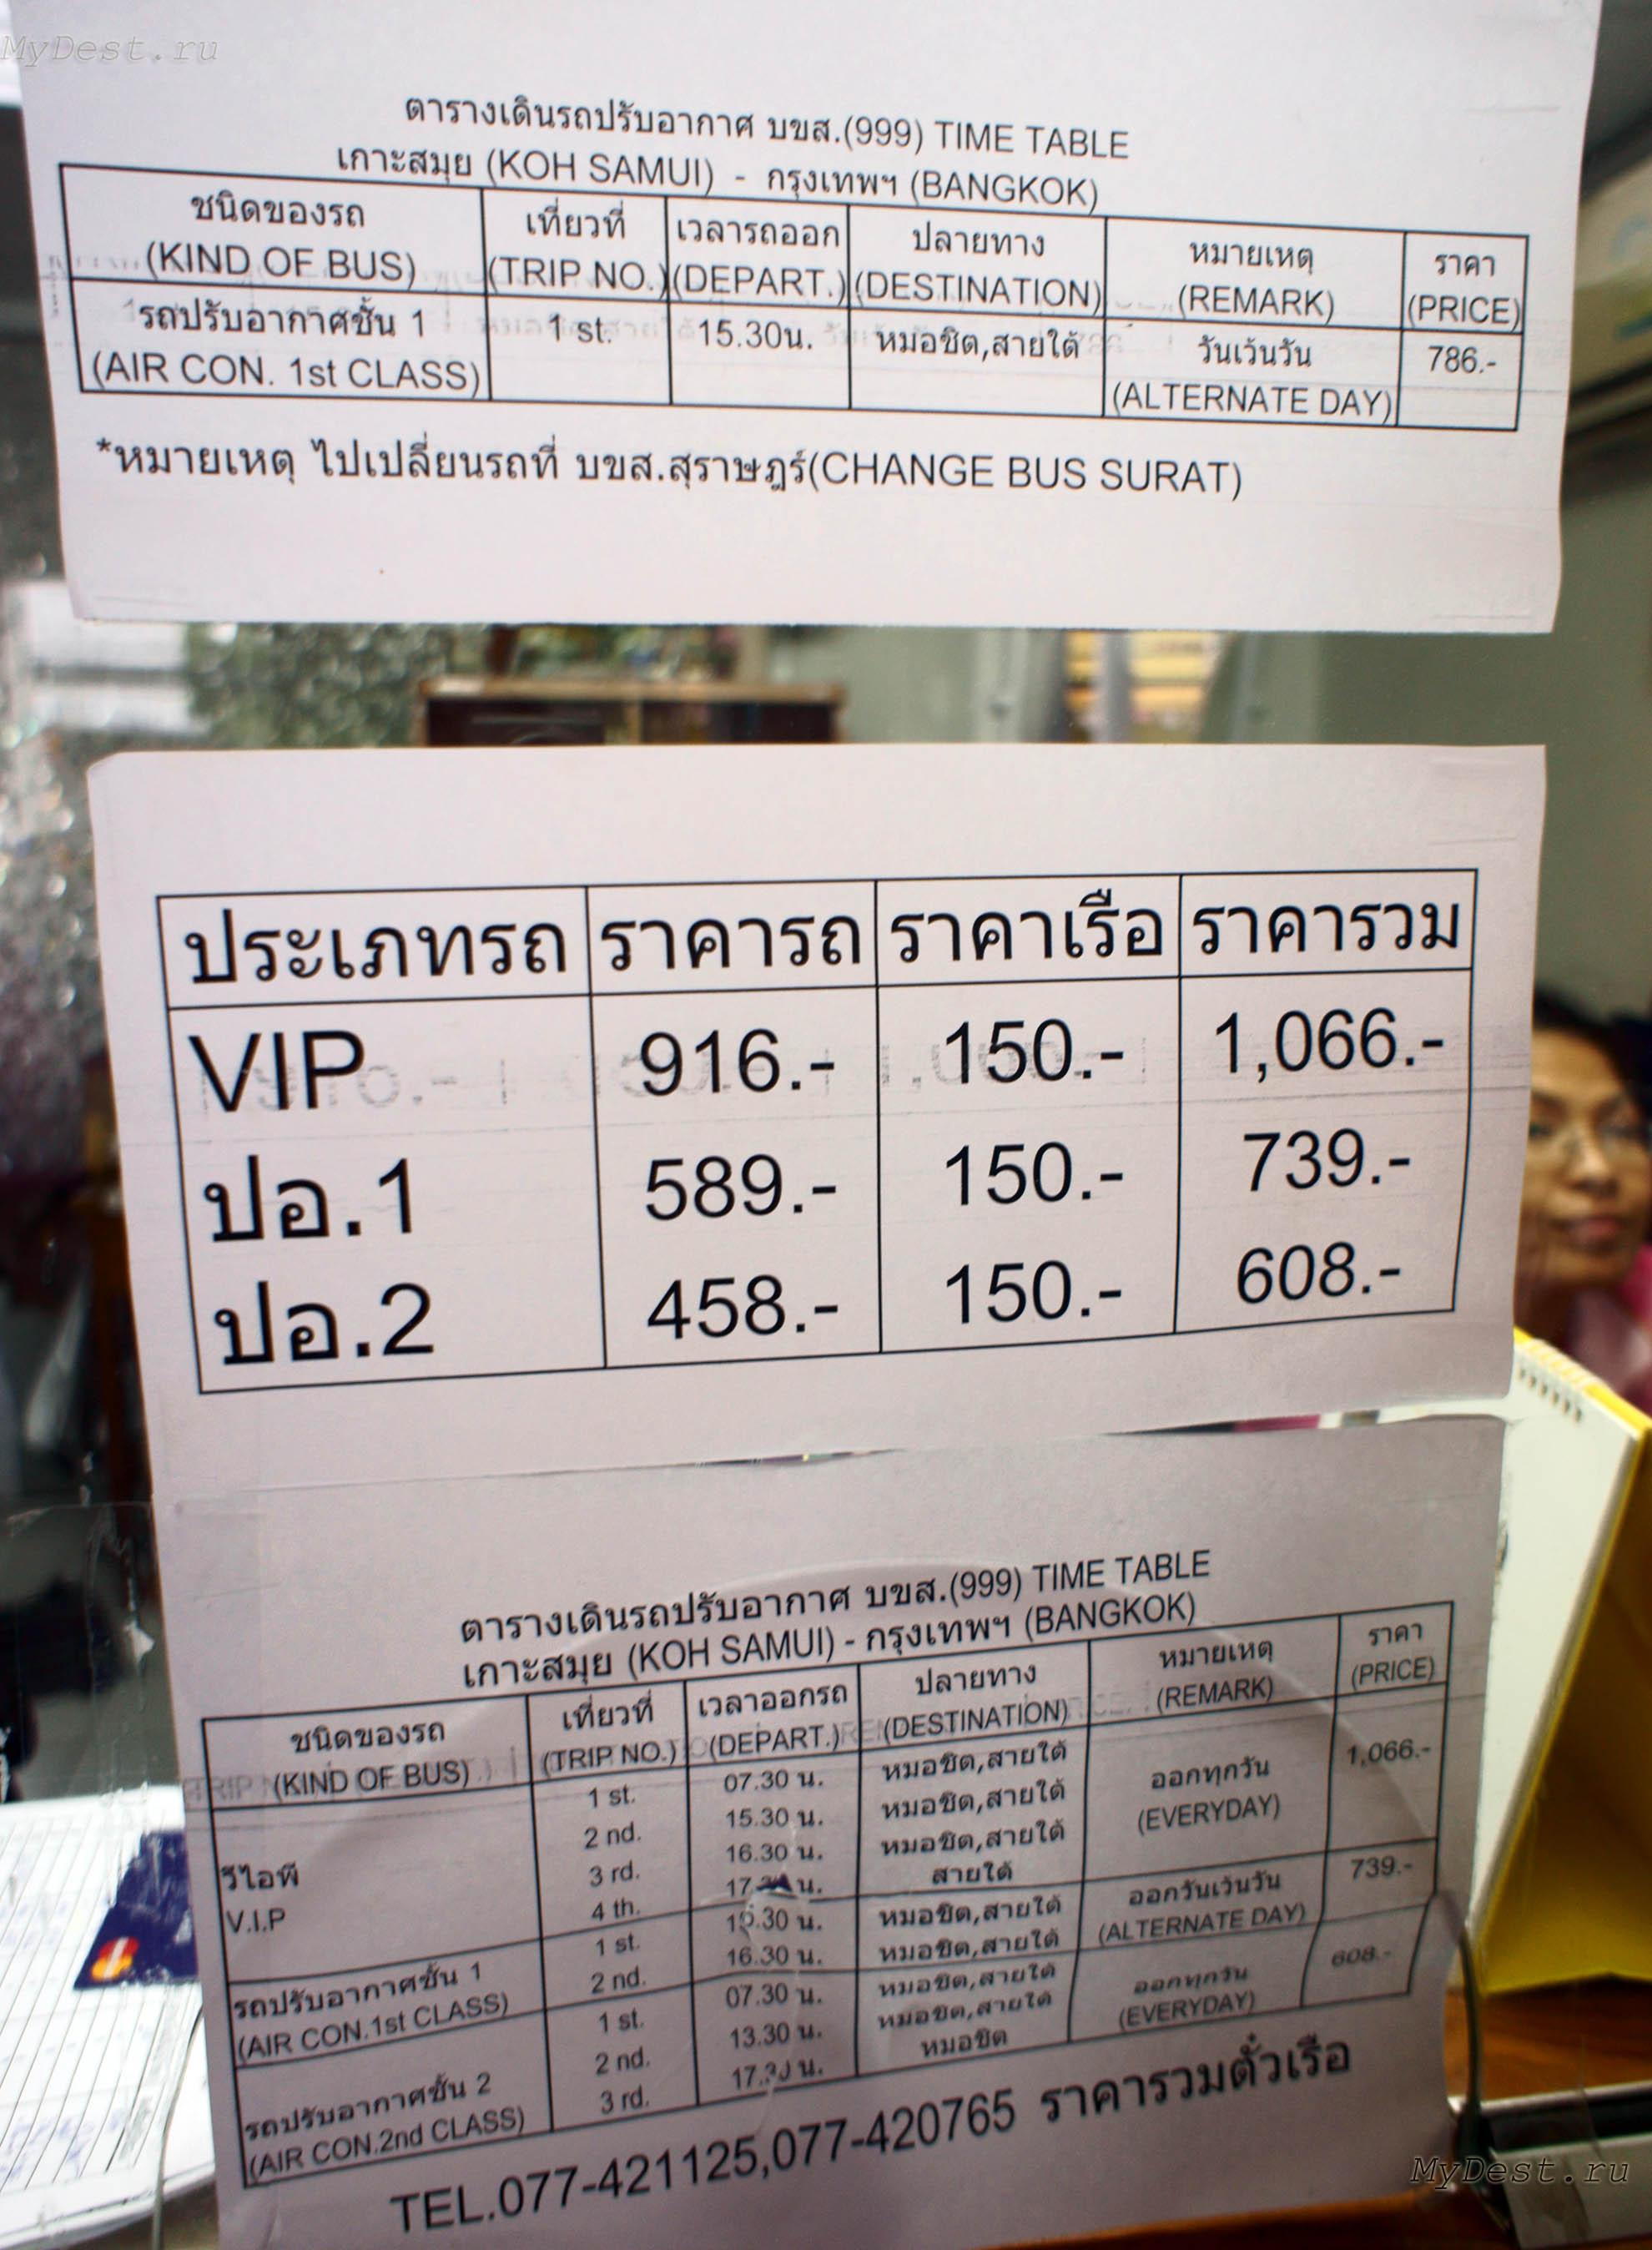 """Расписание <a href=""""/tag/Самуи/"""" class=""""taglink"""">Самуи</a>-Бангкок"""